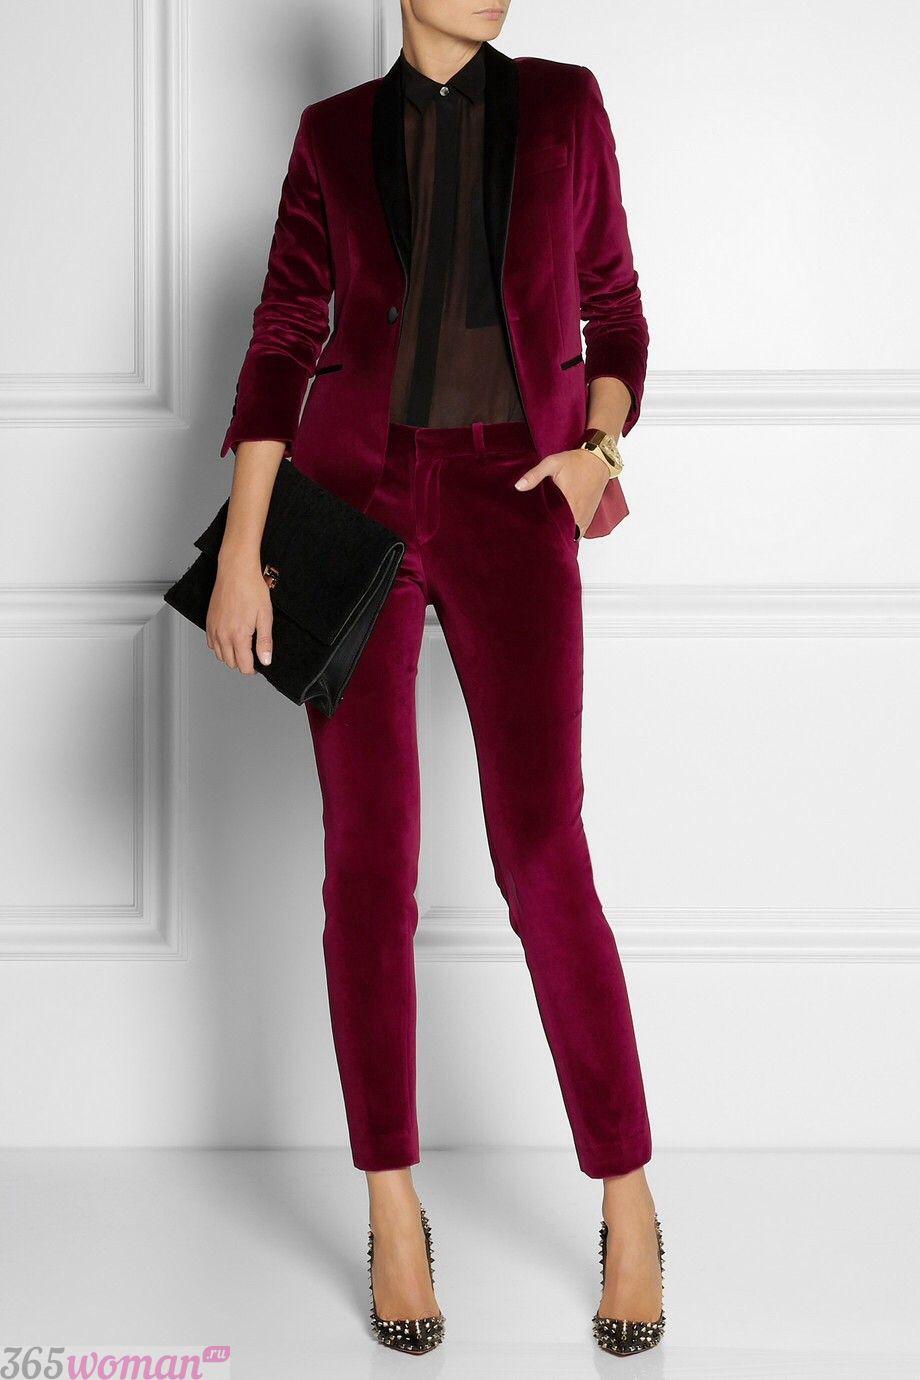 что надеть на день святого валентина 2019: бархатный брючный костюм бордового цвета